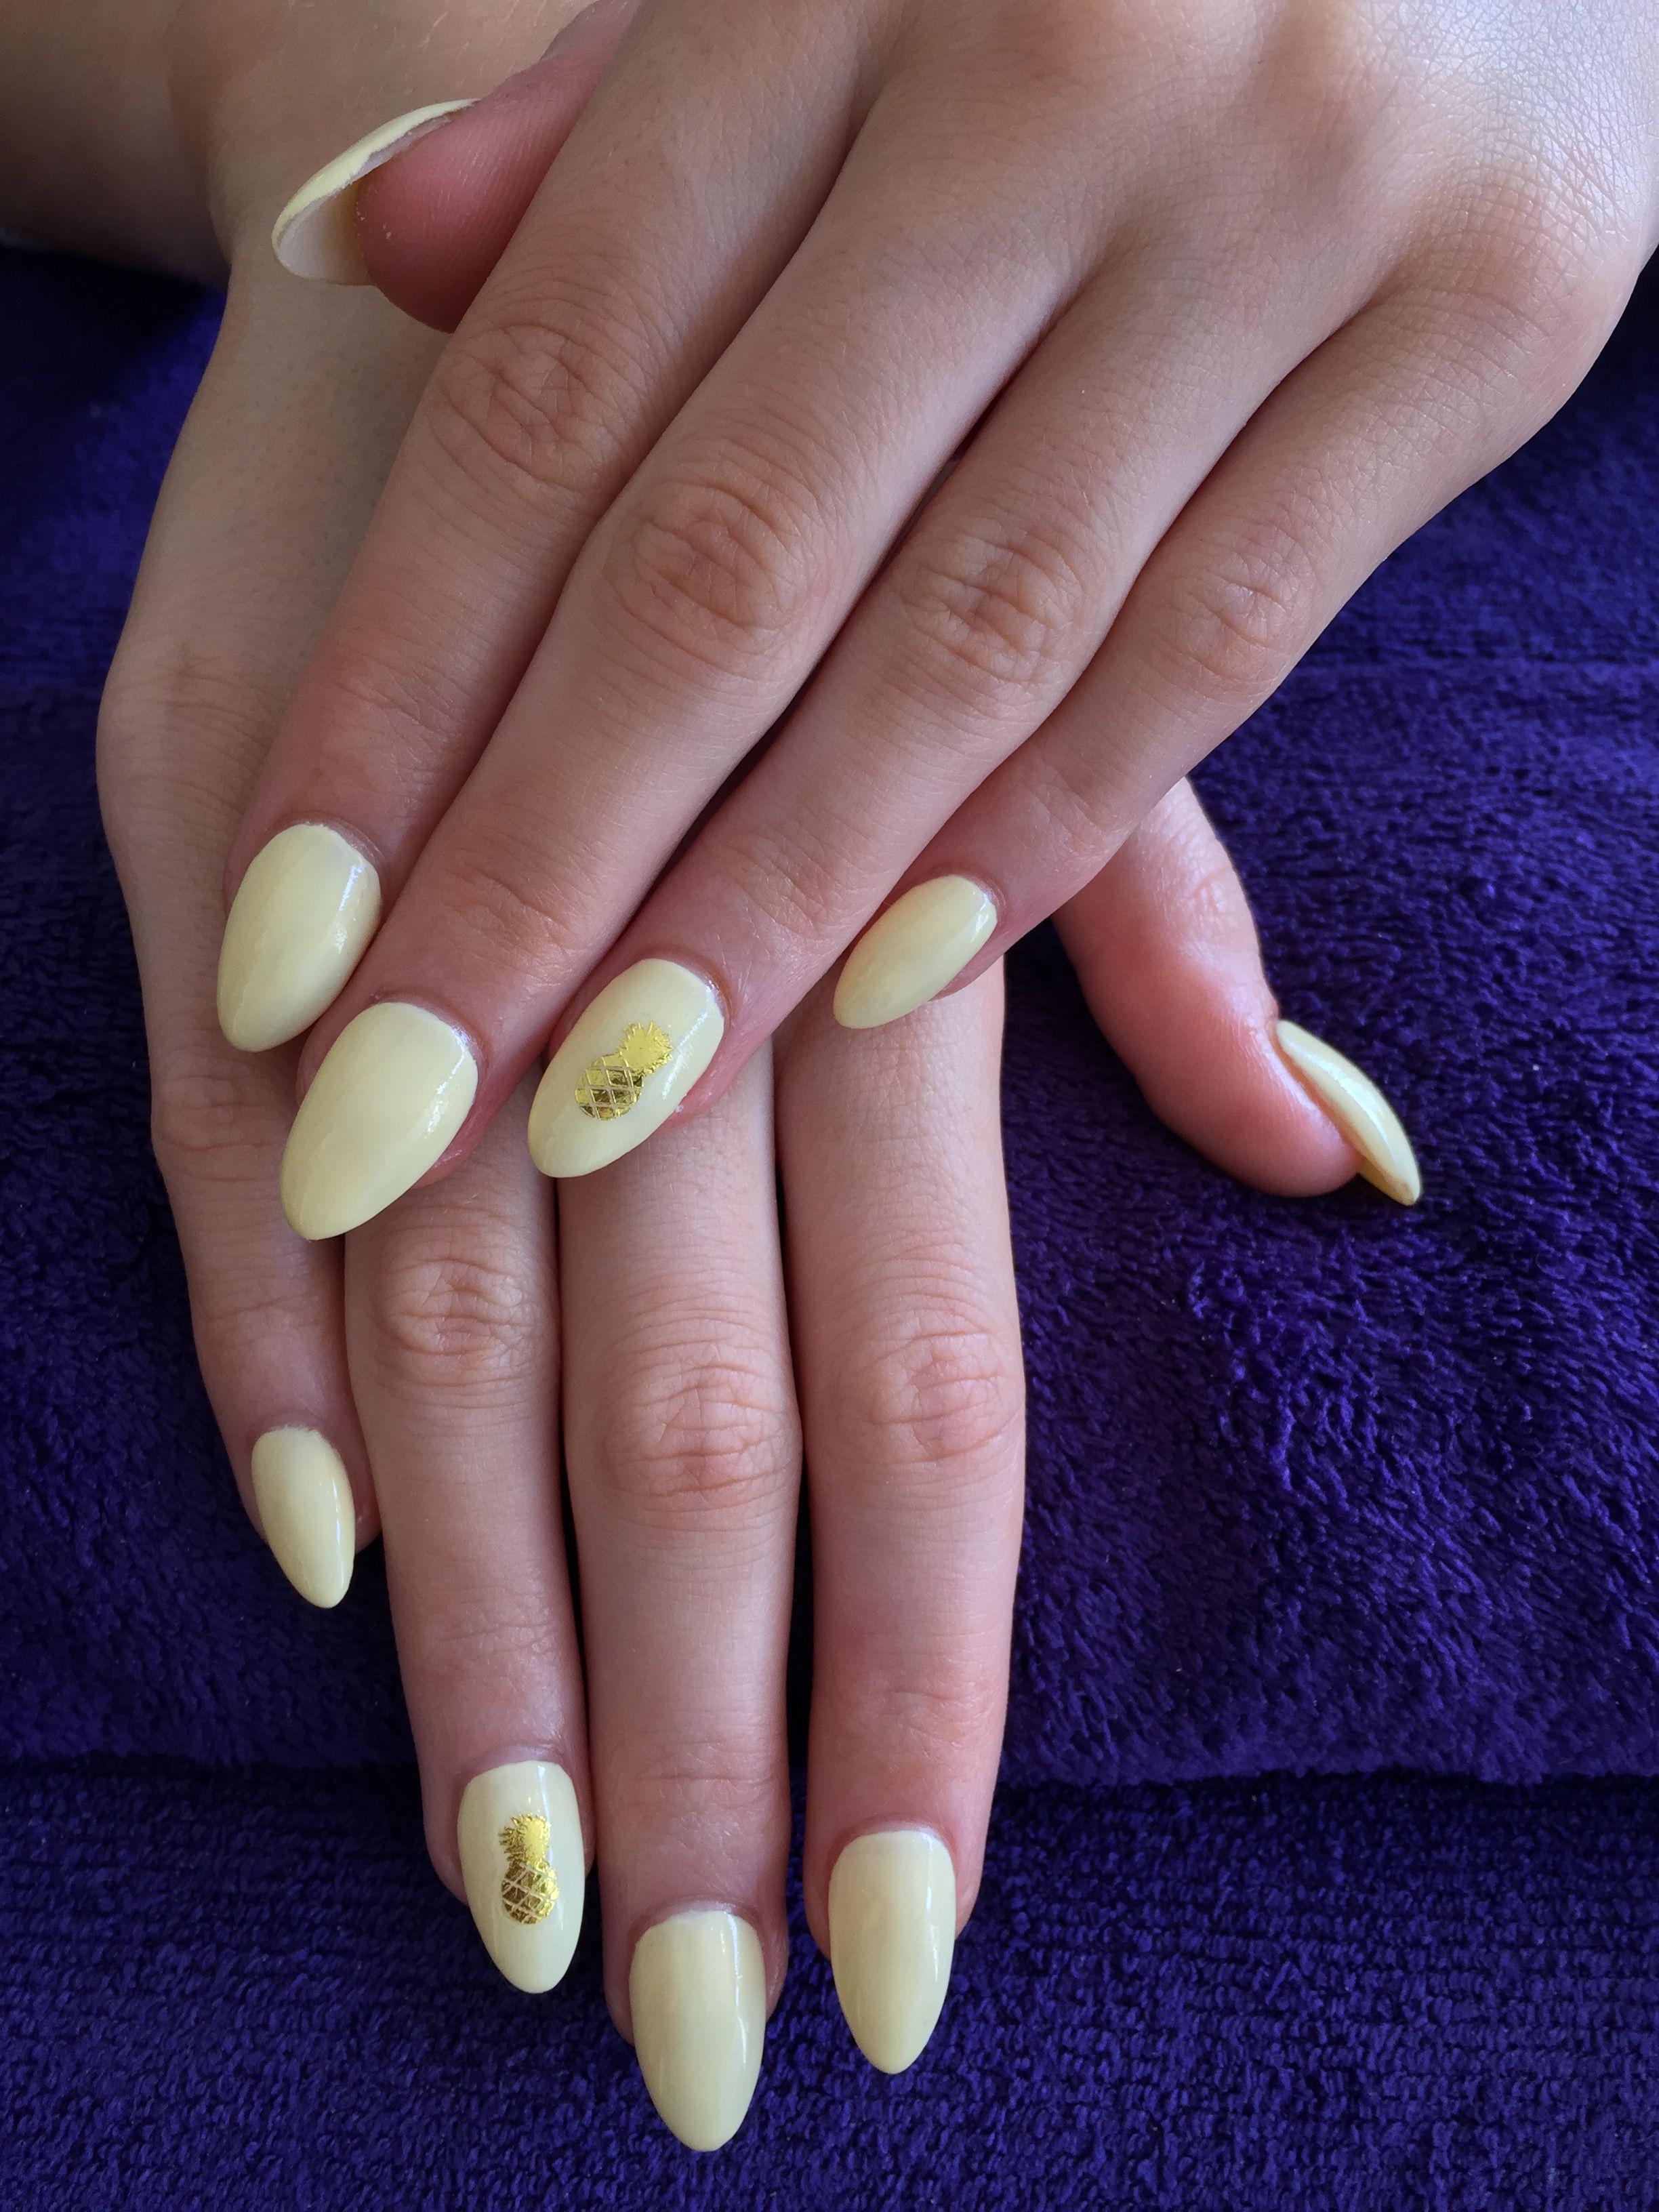 Lemon Yellow Acrylics With Shellac And Pineapple Nailcal By Diy Nails Diy Nails Nails Shellac